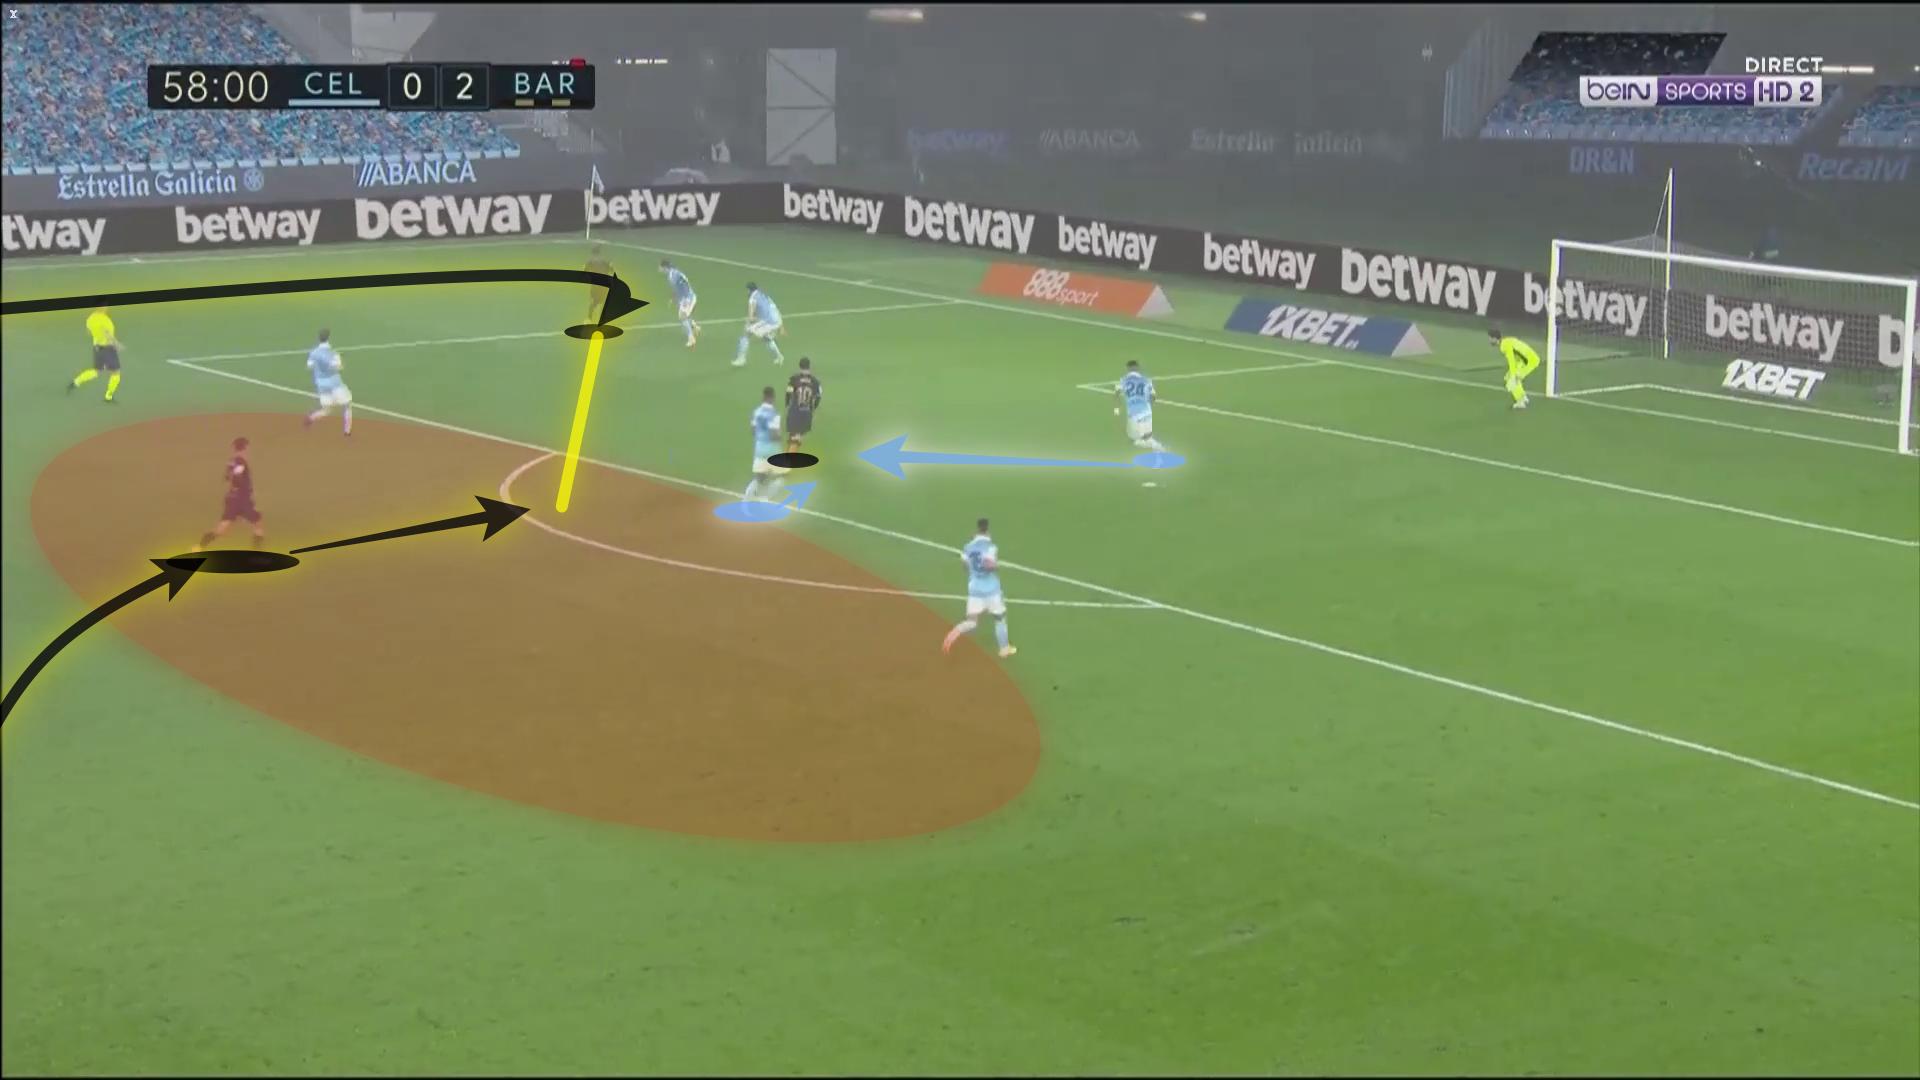 La Liga 2020/21: Celta Vigo vs Barcelona - tactical analysis tactics